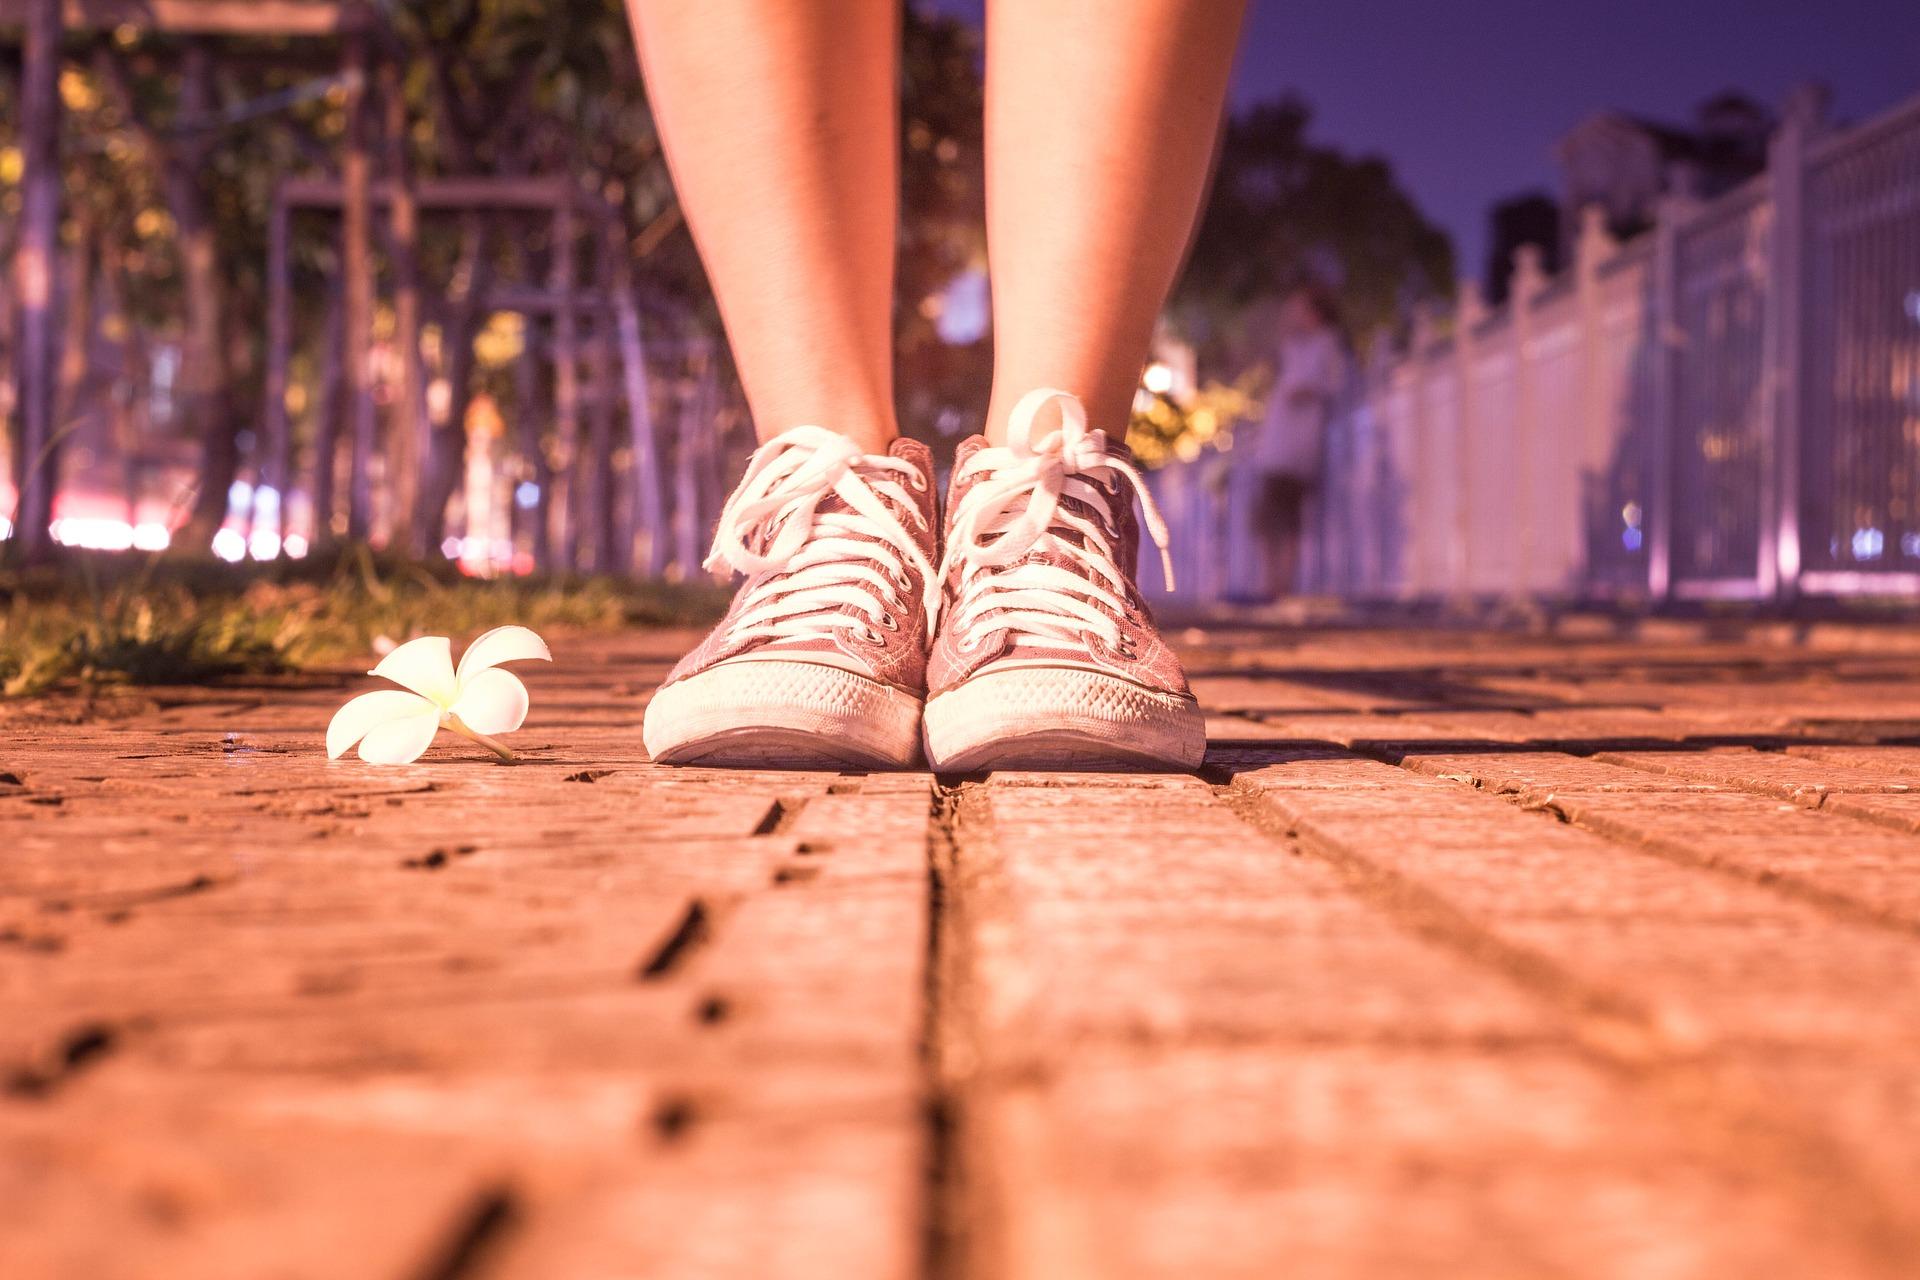 Imagem dos pés de uma moça com um tênis rosa em cima de um tronco de árvore